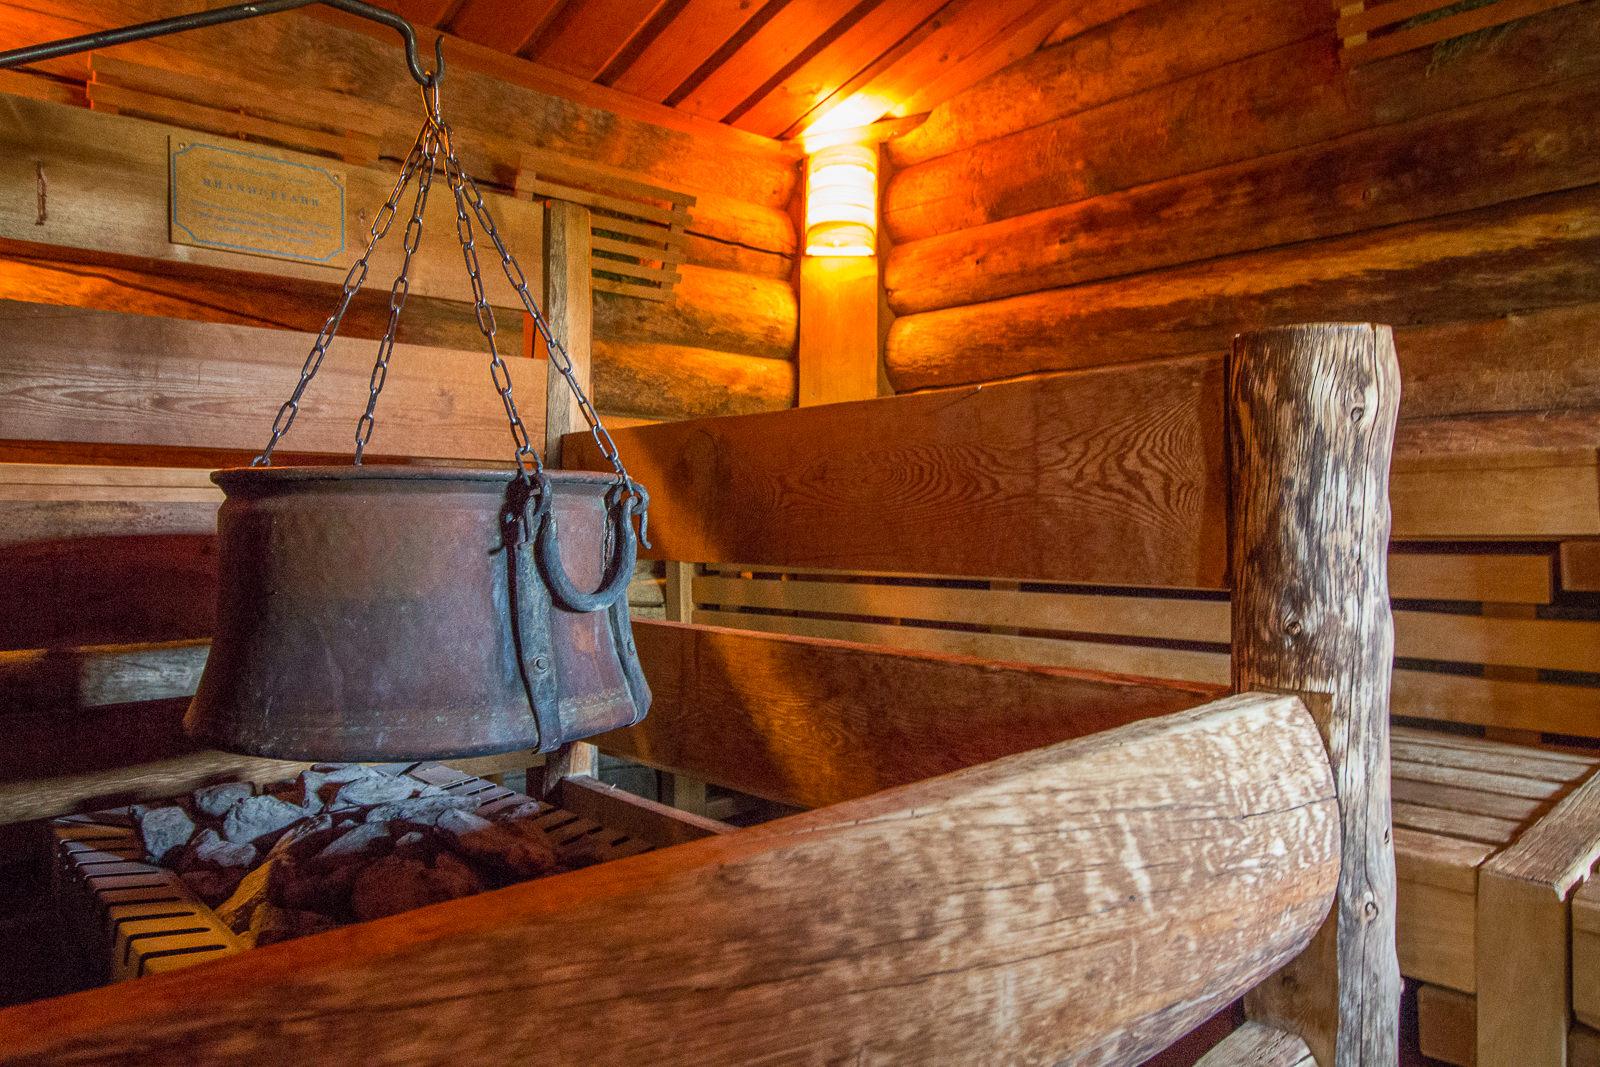 Wellnesshotels: Rein in den kuscheligen Bademantel und entdecke, wo Spa besonders Spaß macht!